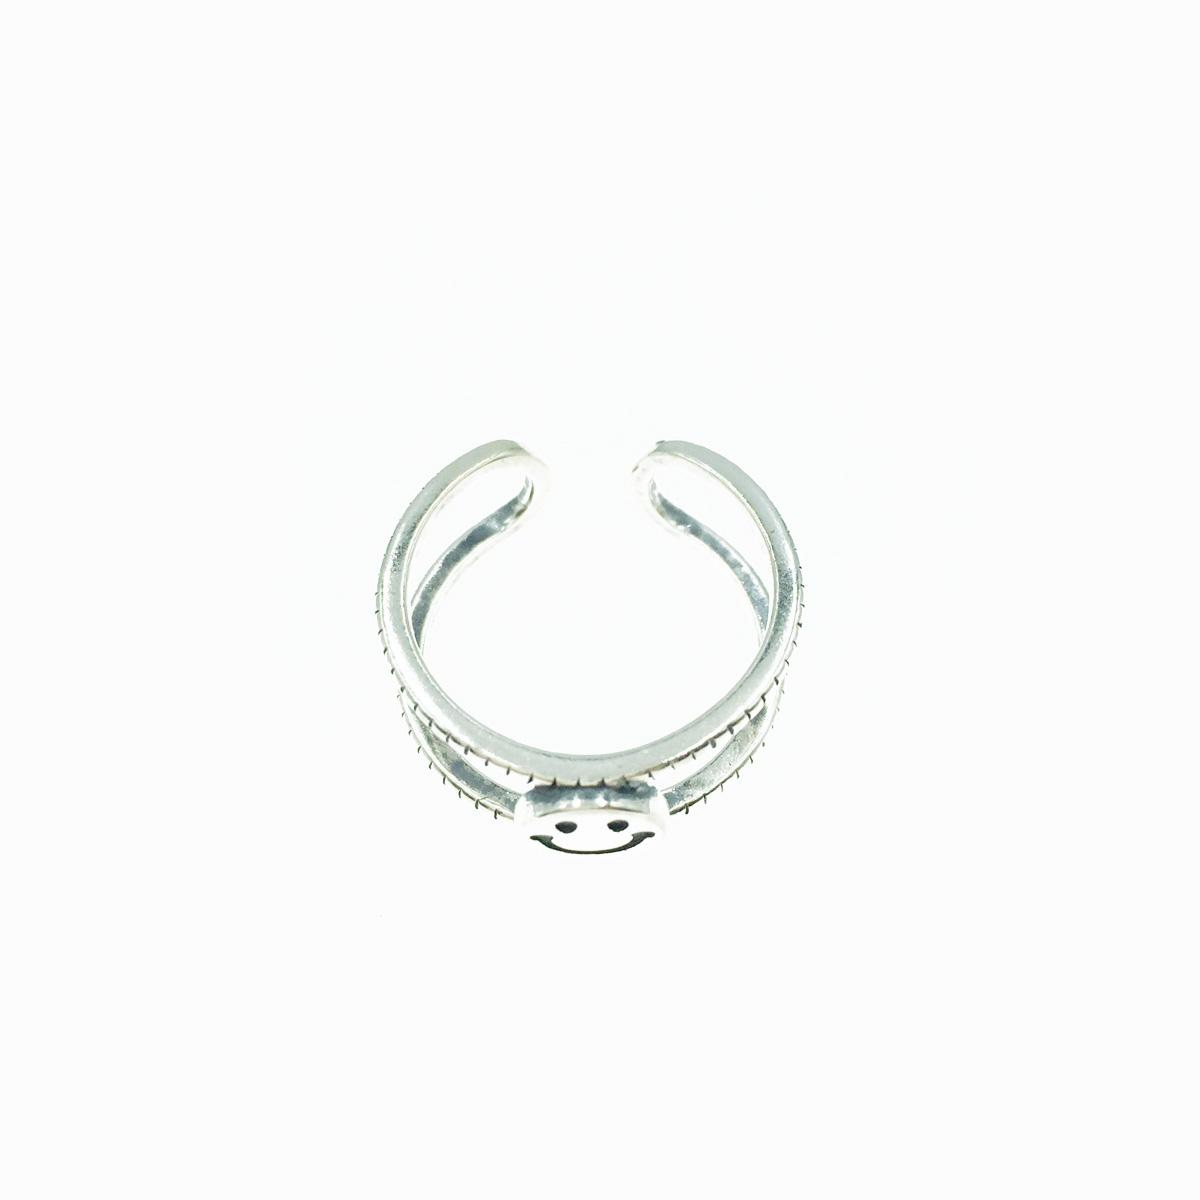 韓國 925純銀 雙環簍空 笑臉 寬版 可調式 戒指